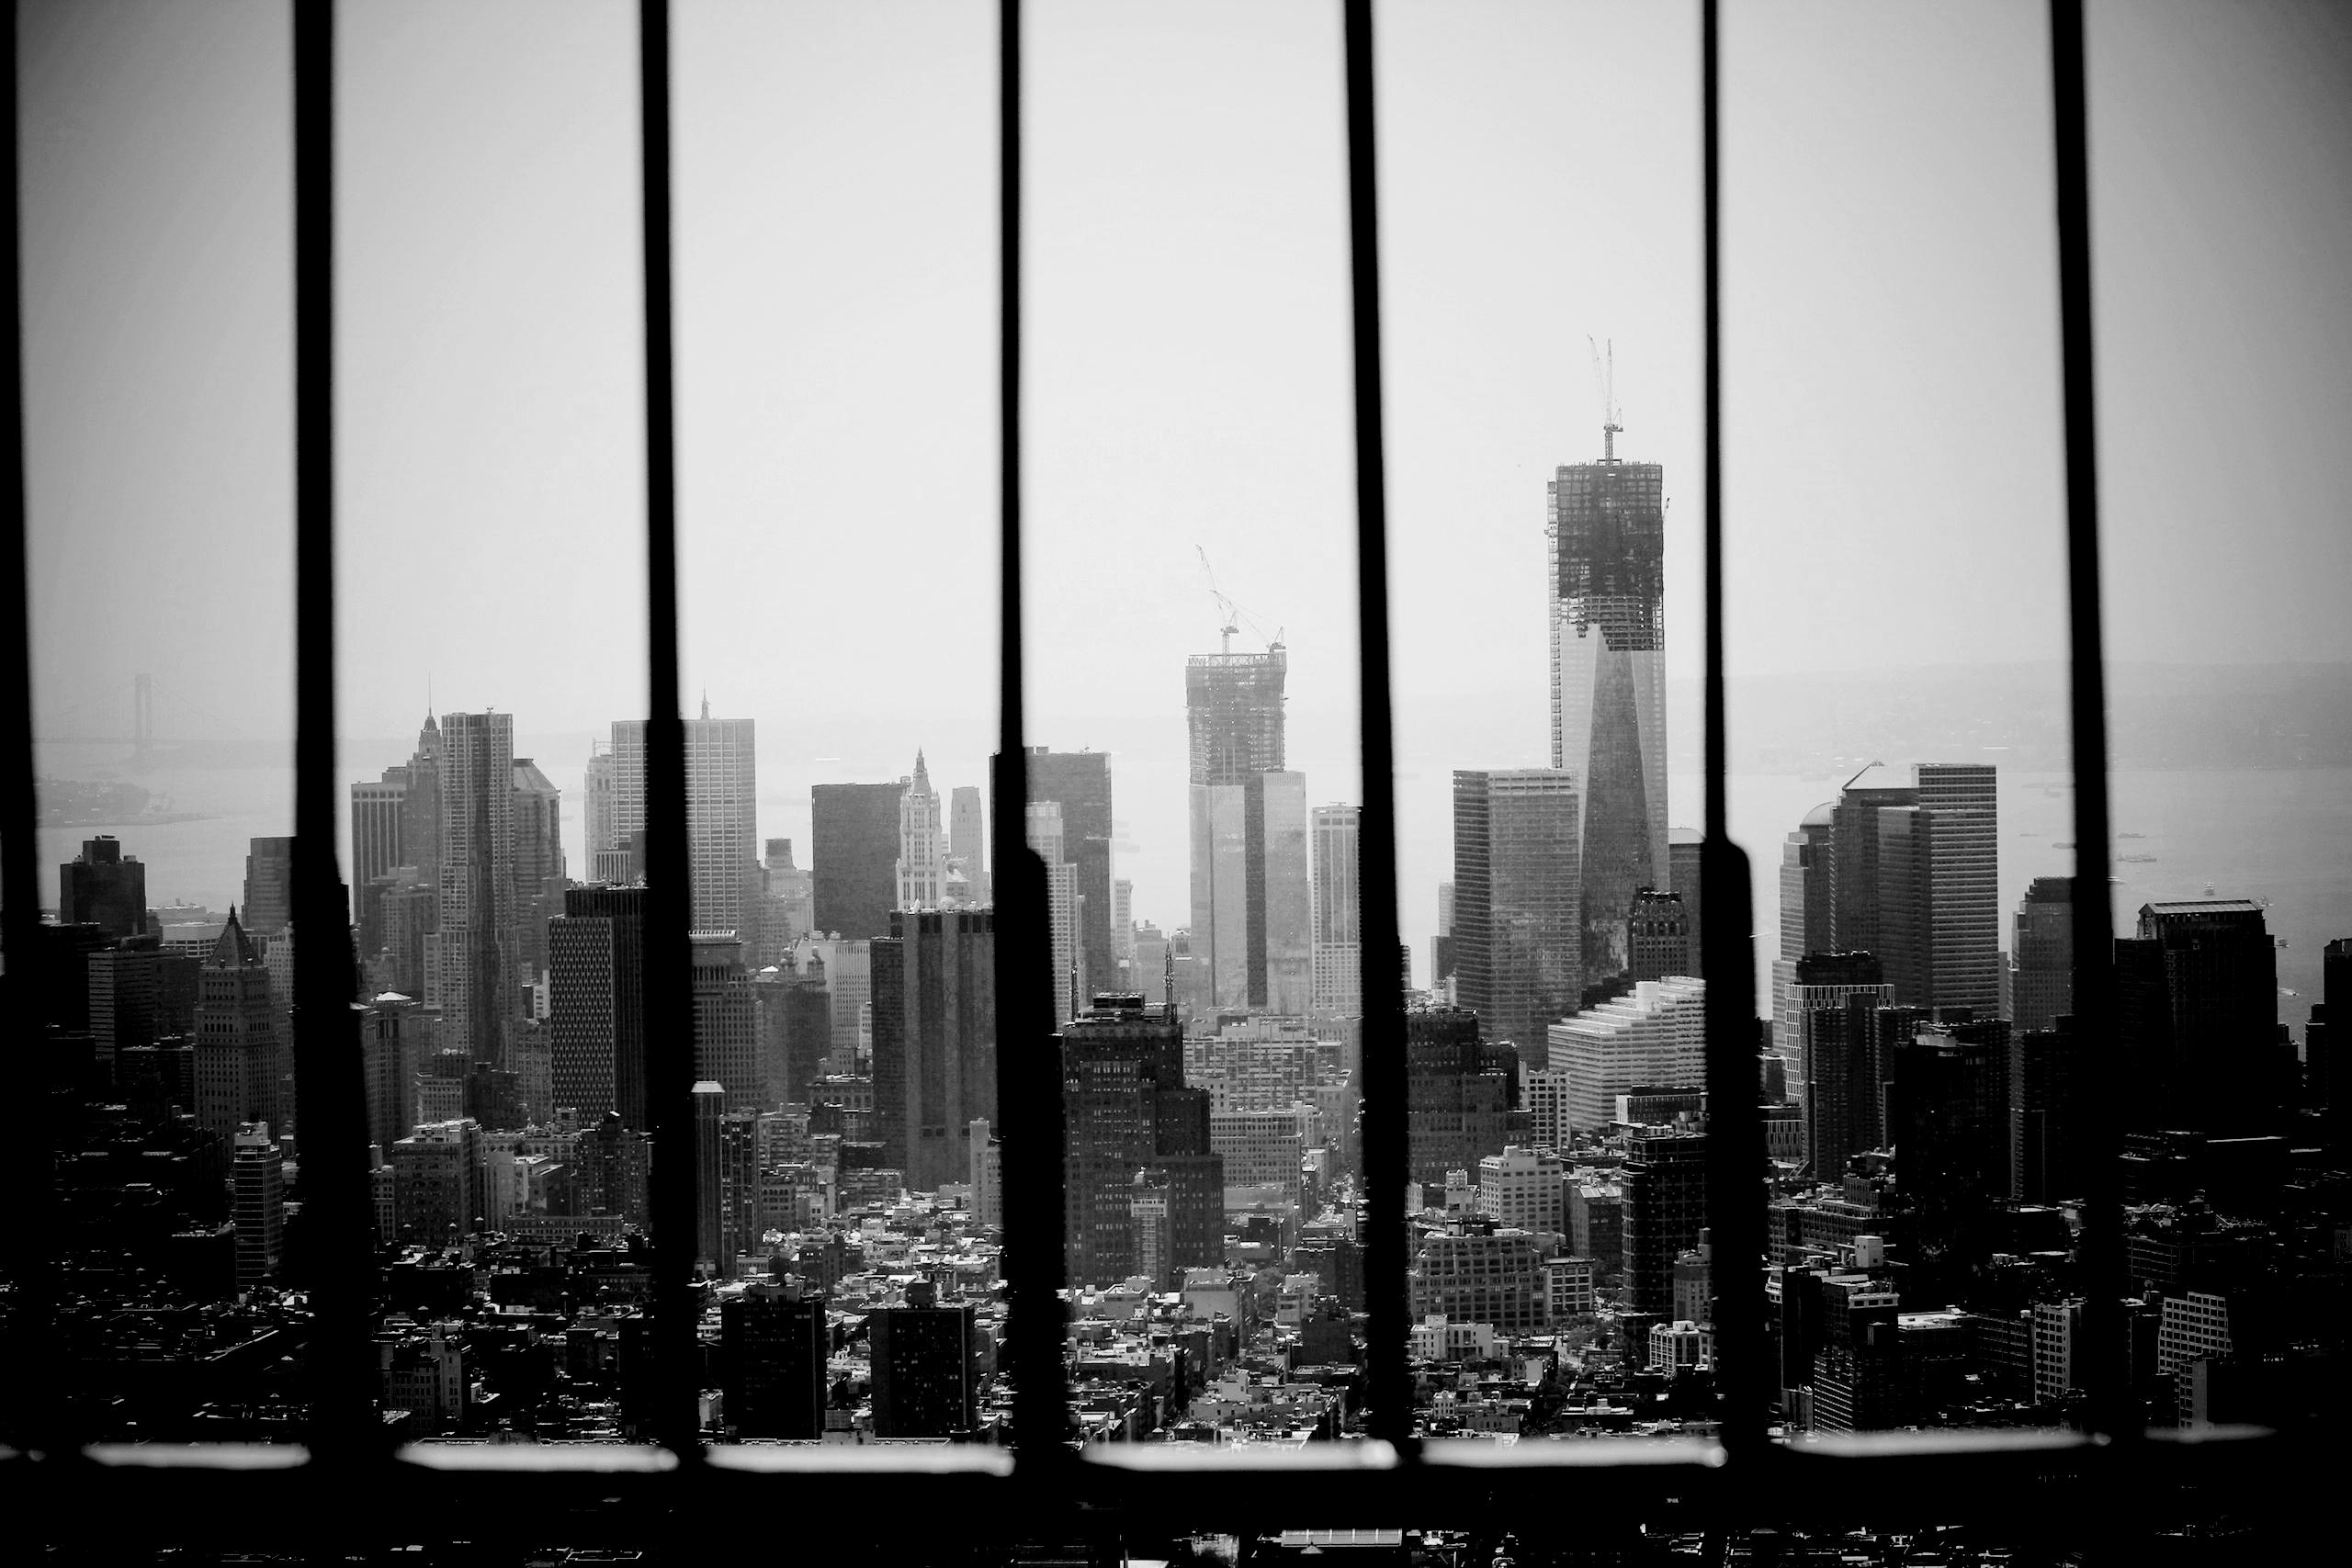 NY WTC by vladis123